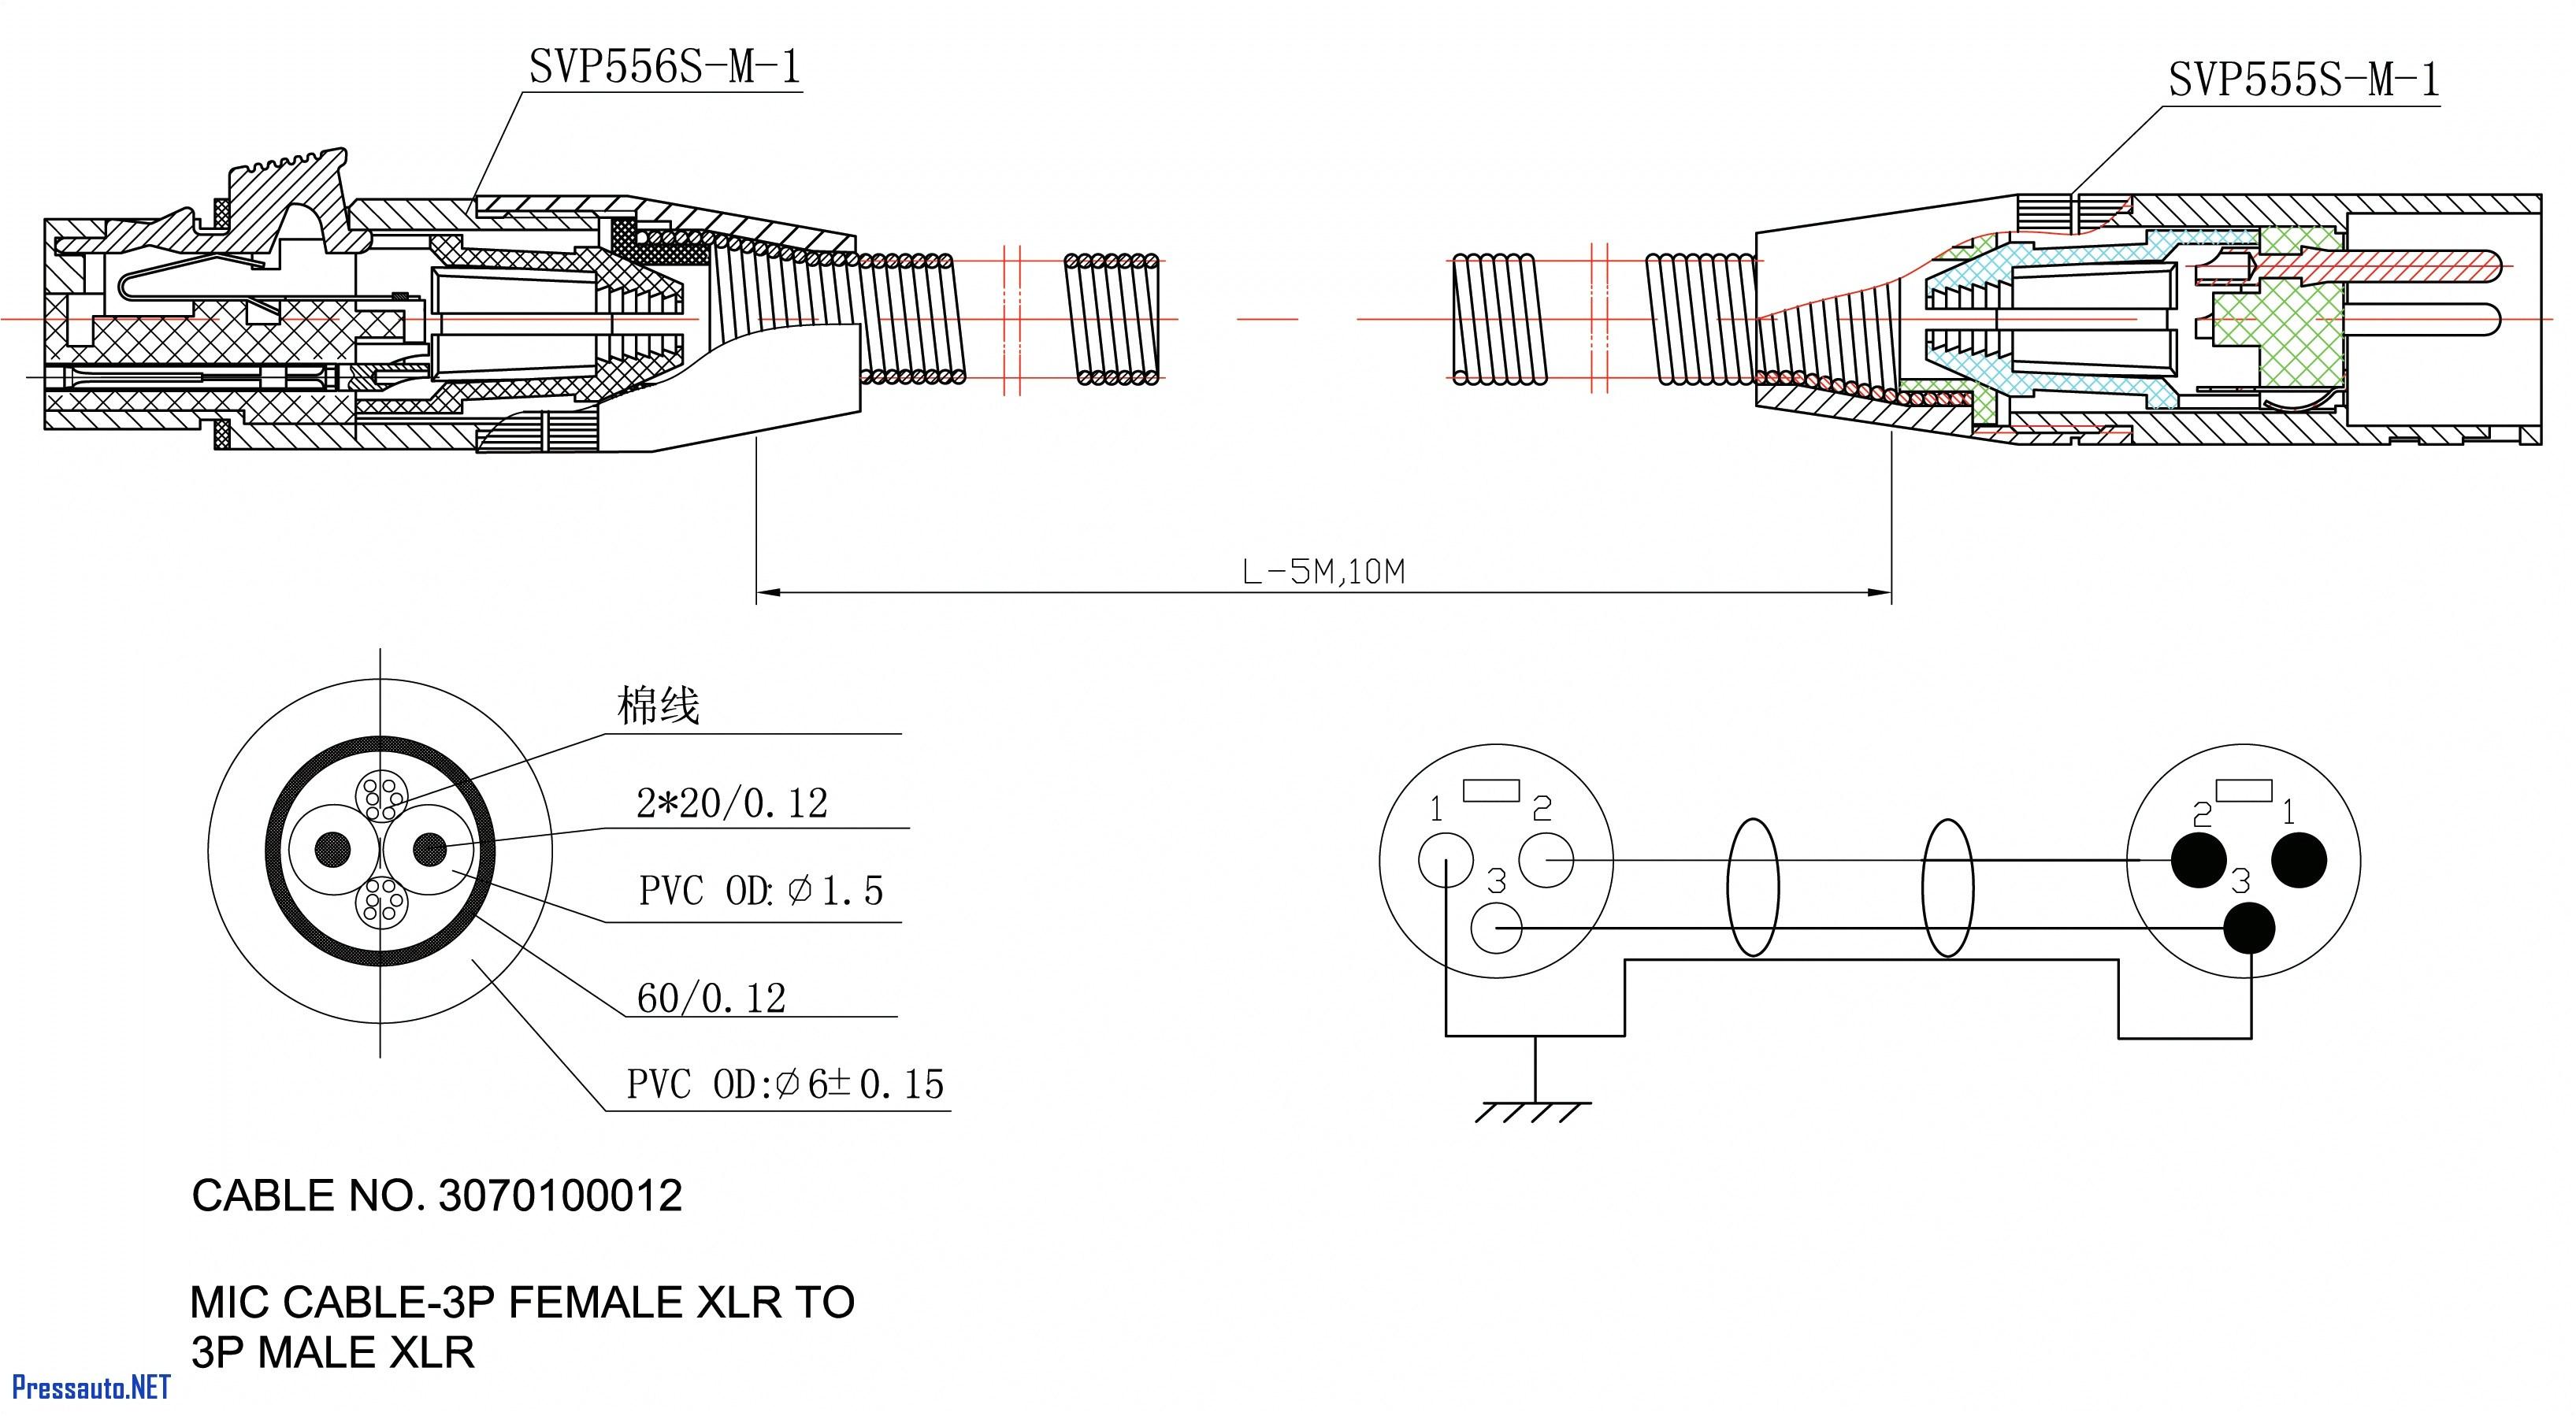 circle w trailer wiring diagram wiring diagram option circle w trailer wiring diagram